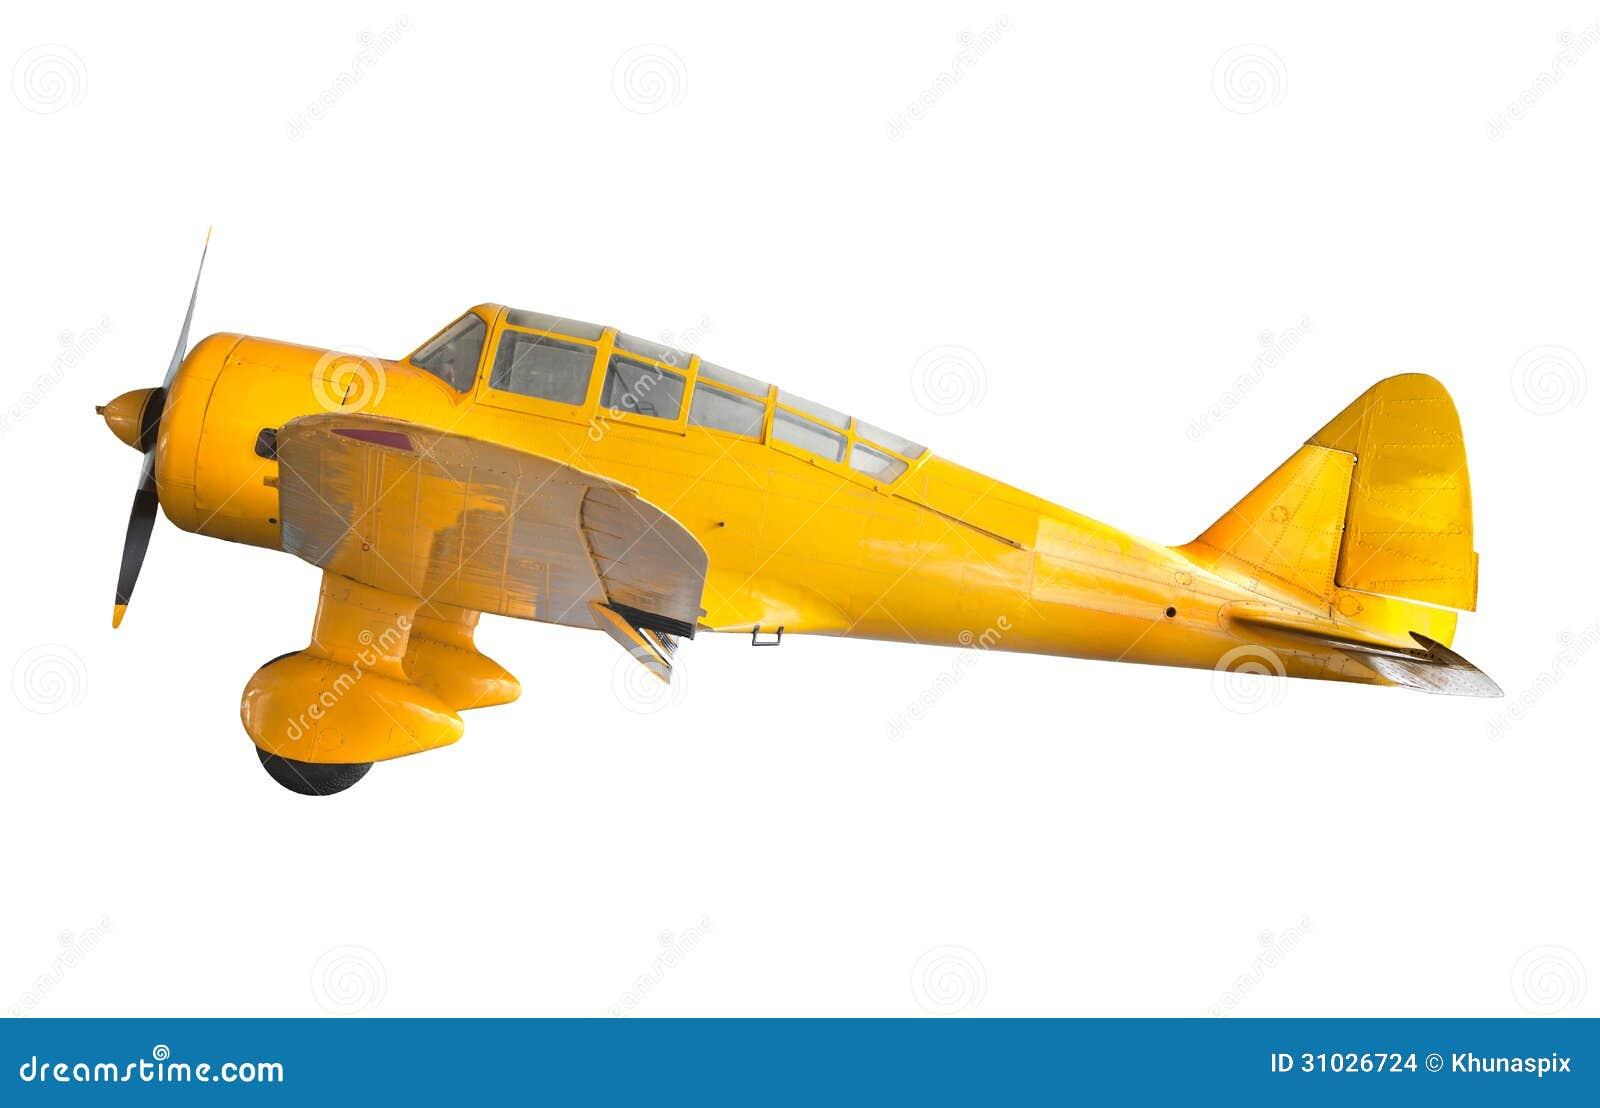 Plano amarelo clássico velho branco isolado